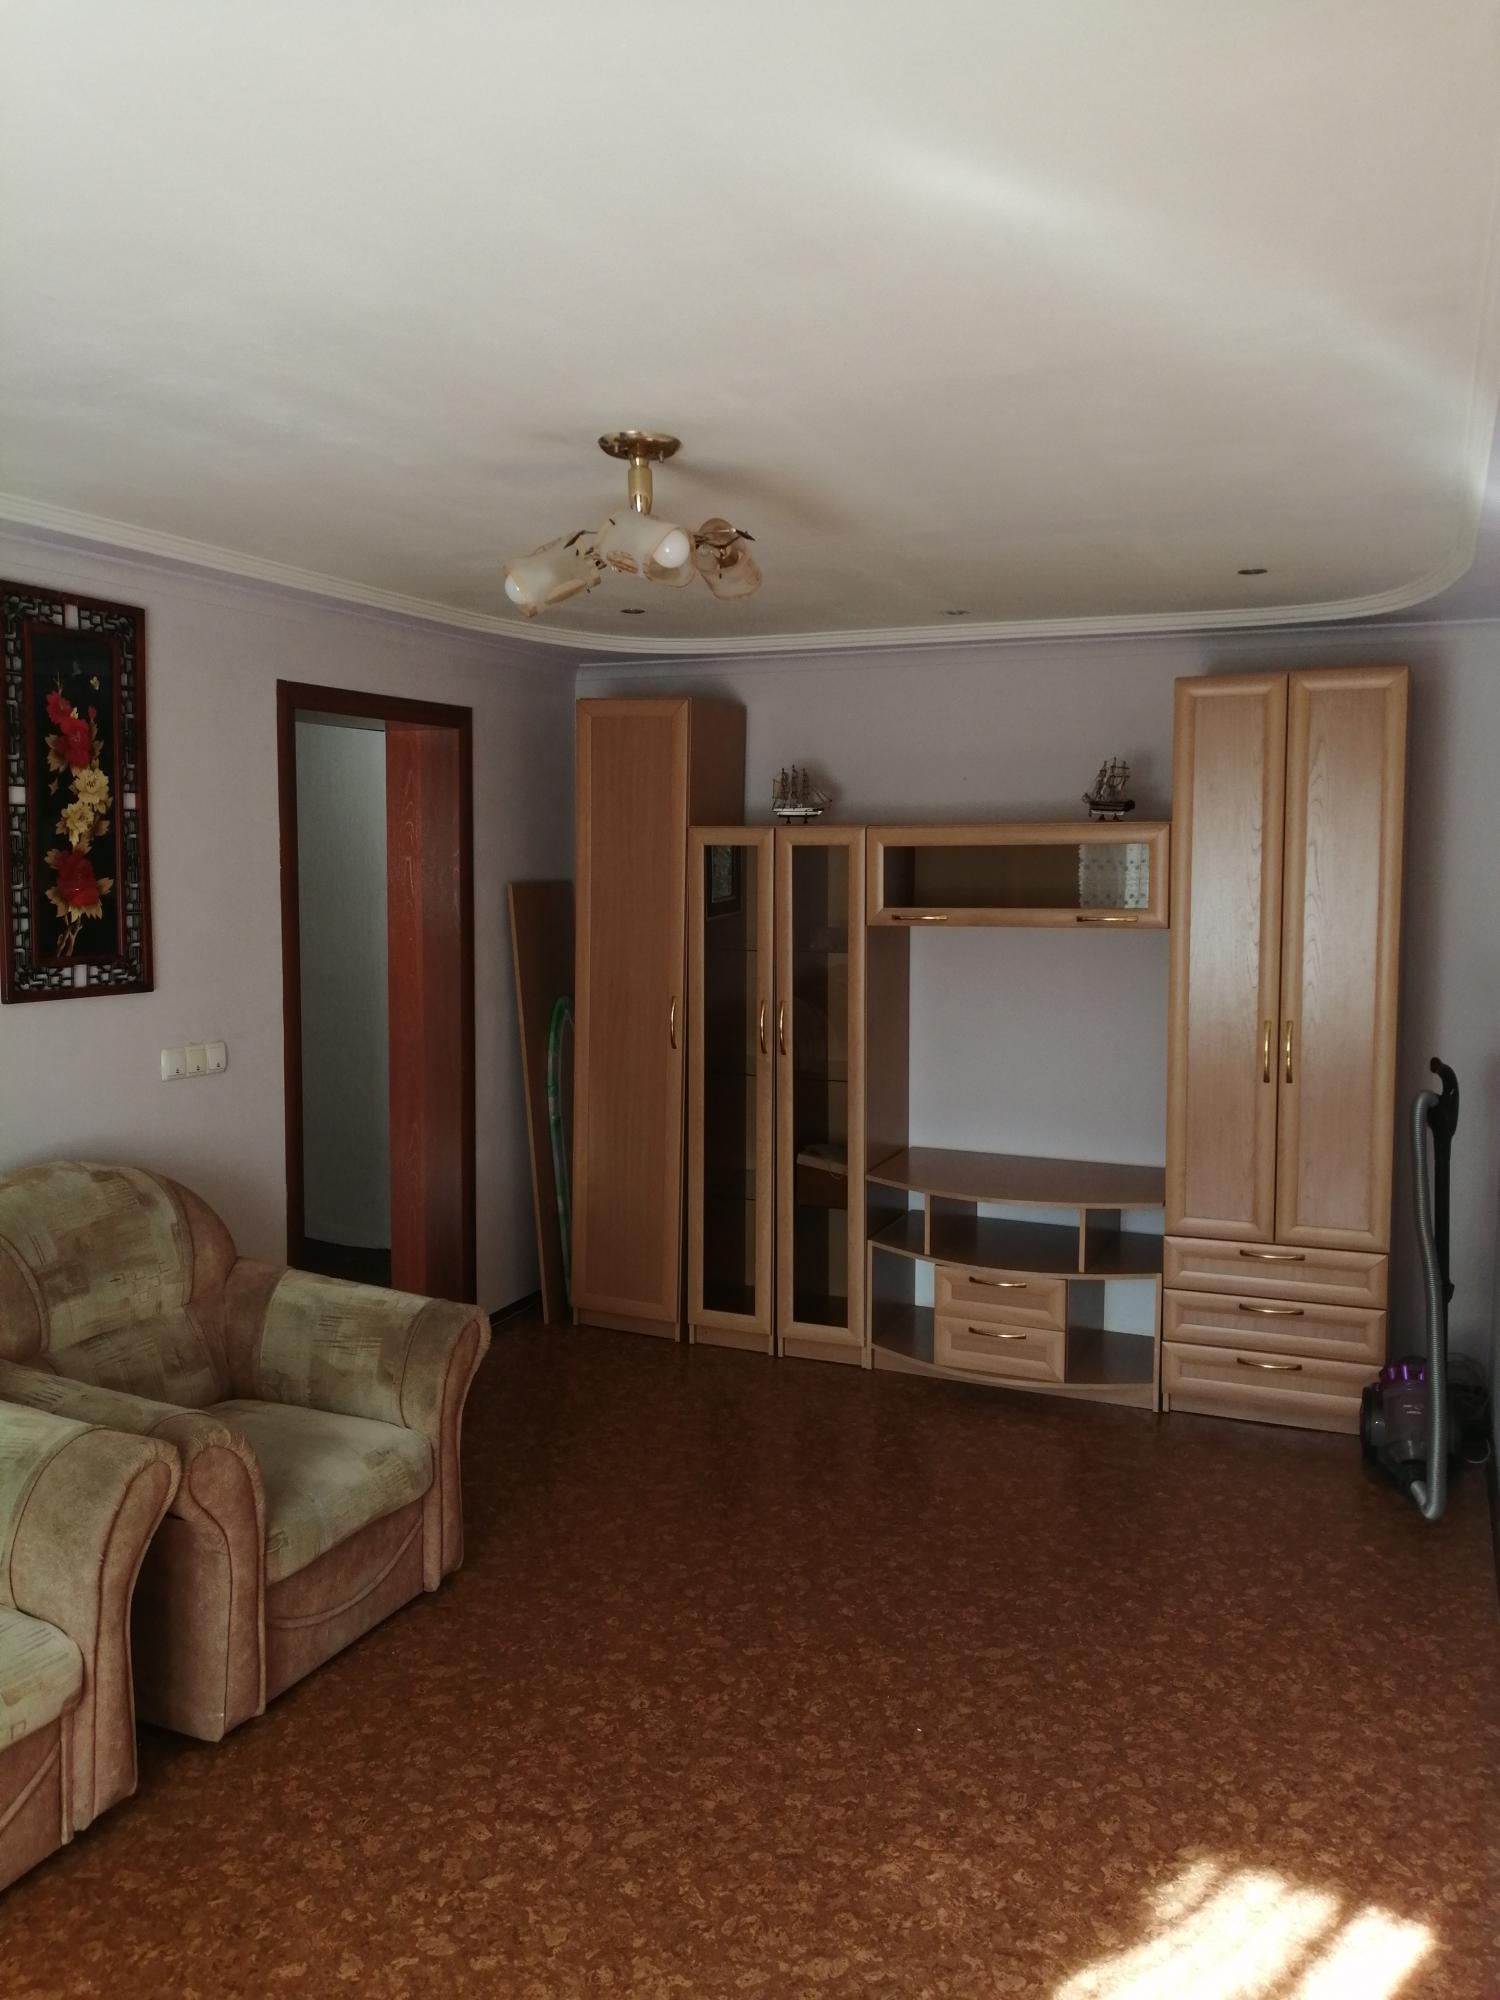 1к квартира улица Вавилова, 94   13000   аренда в Красноярске фото 1